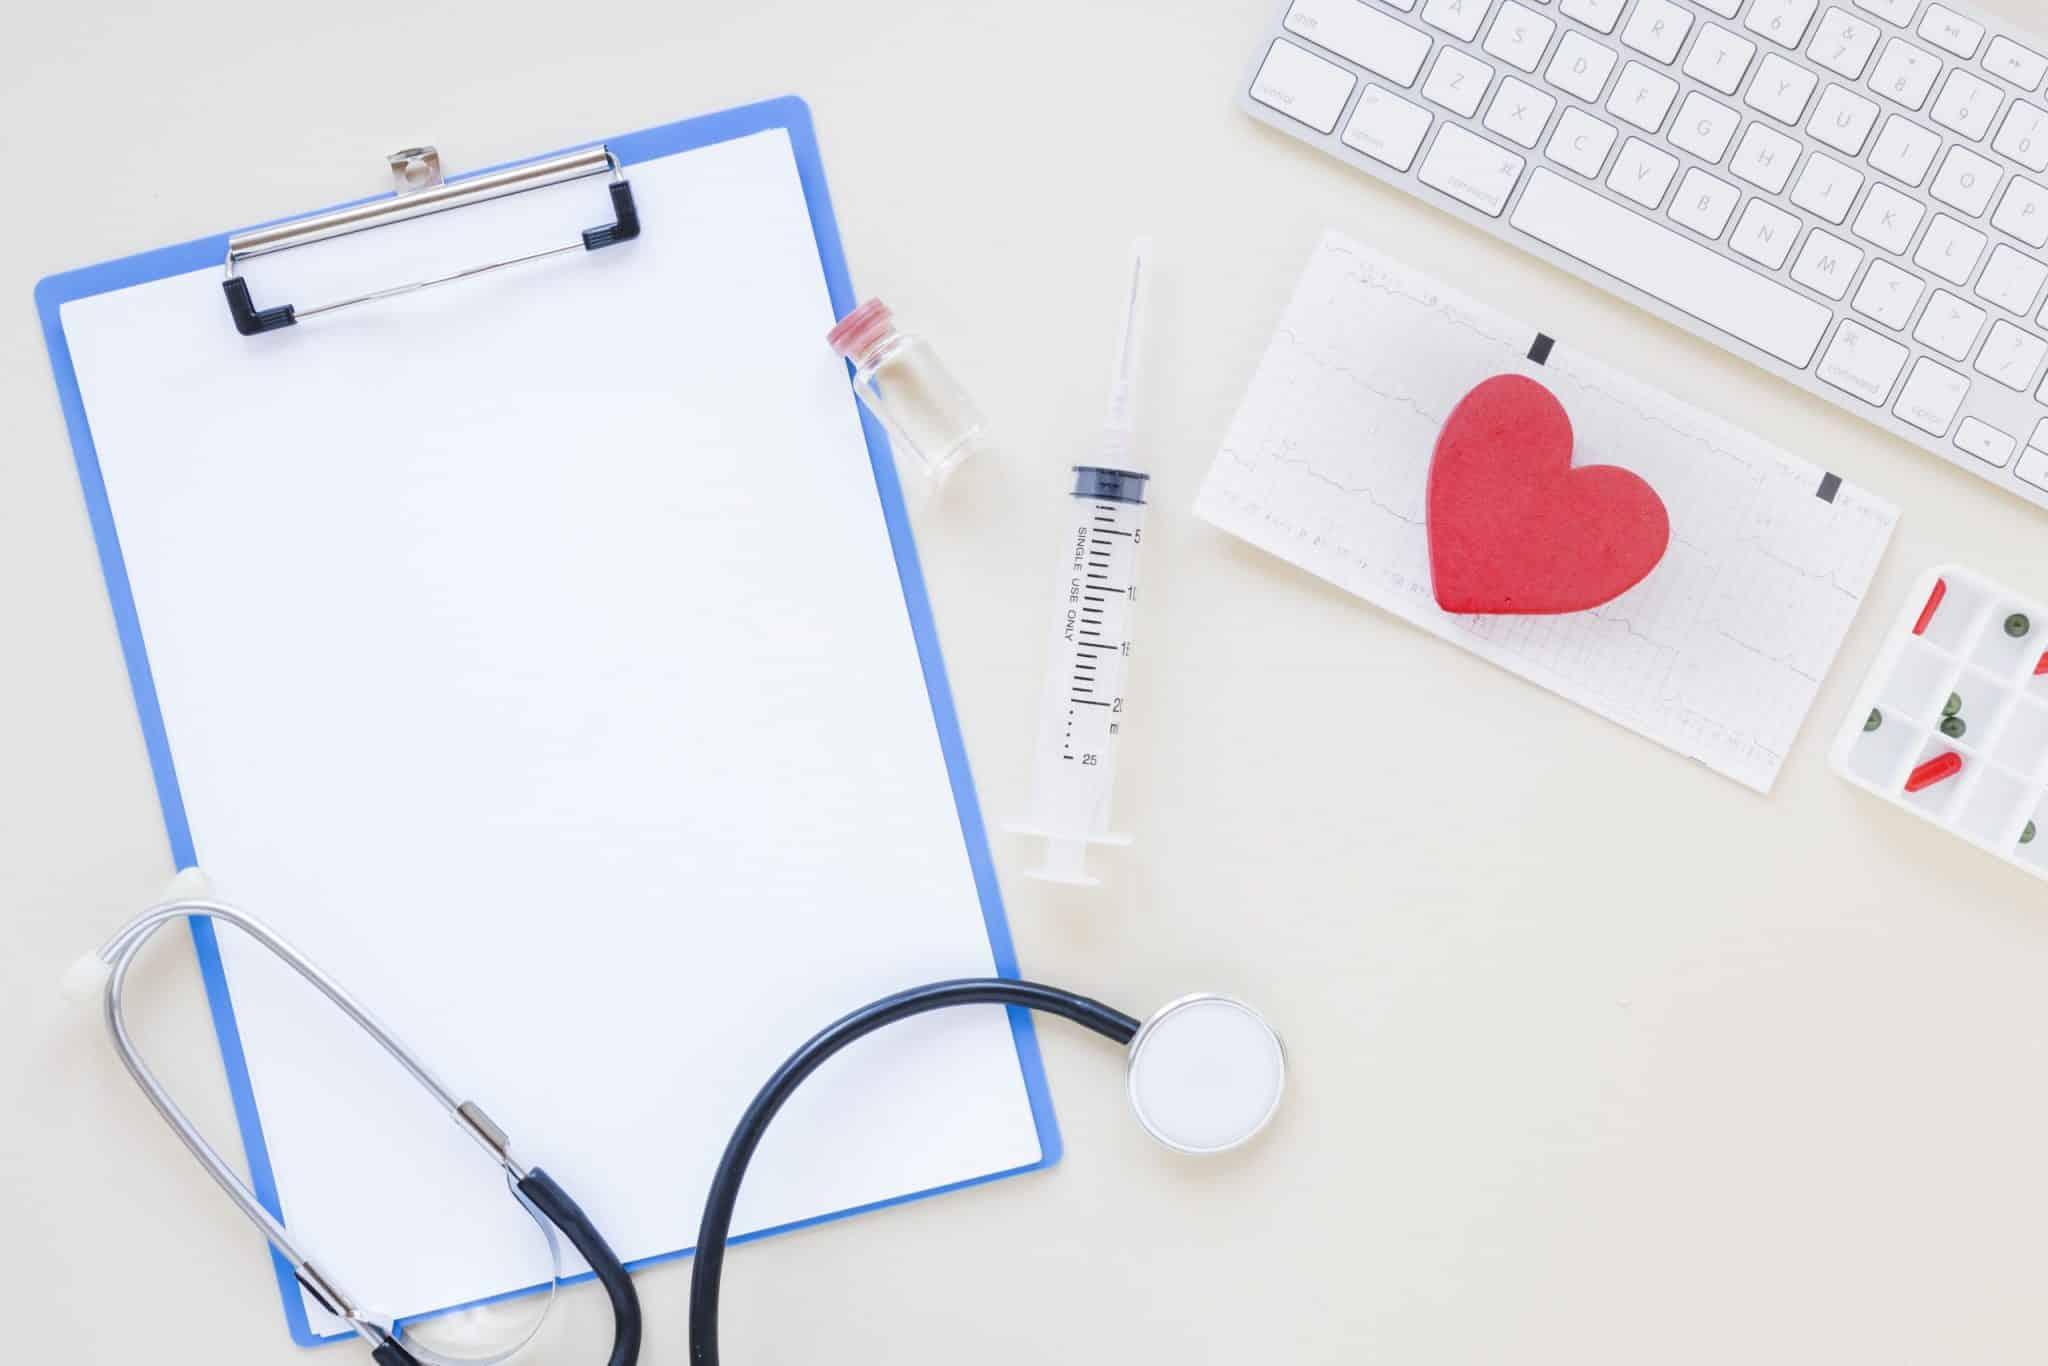 Preserve a Saúde da sua Marca nas Redes Sociais